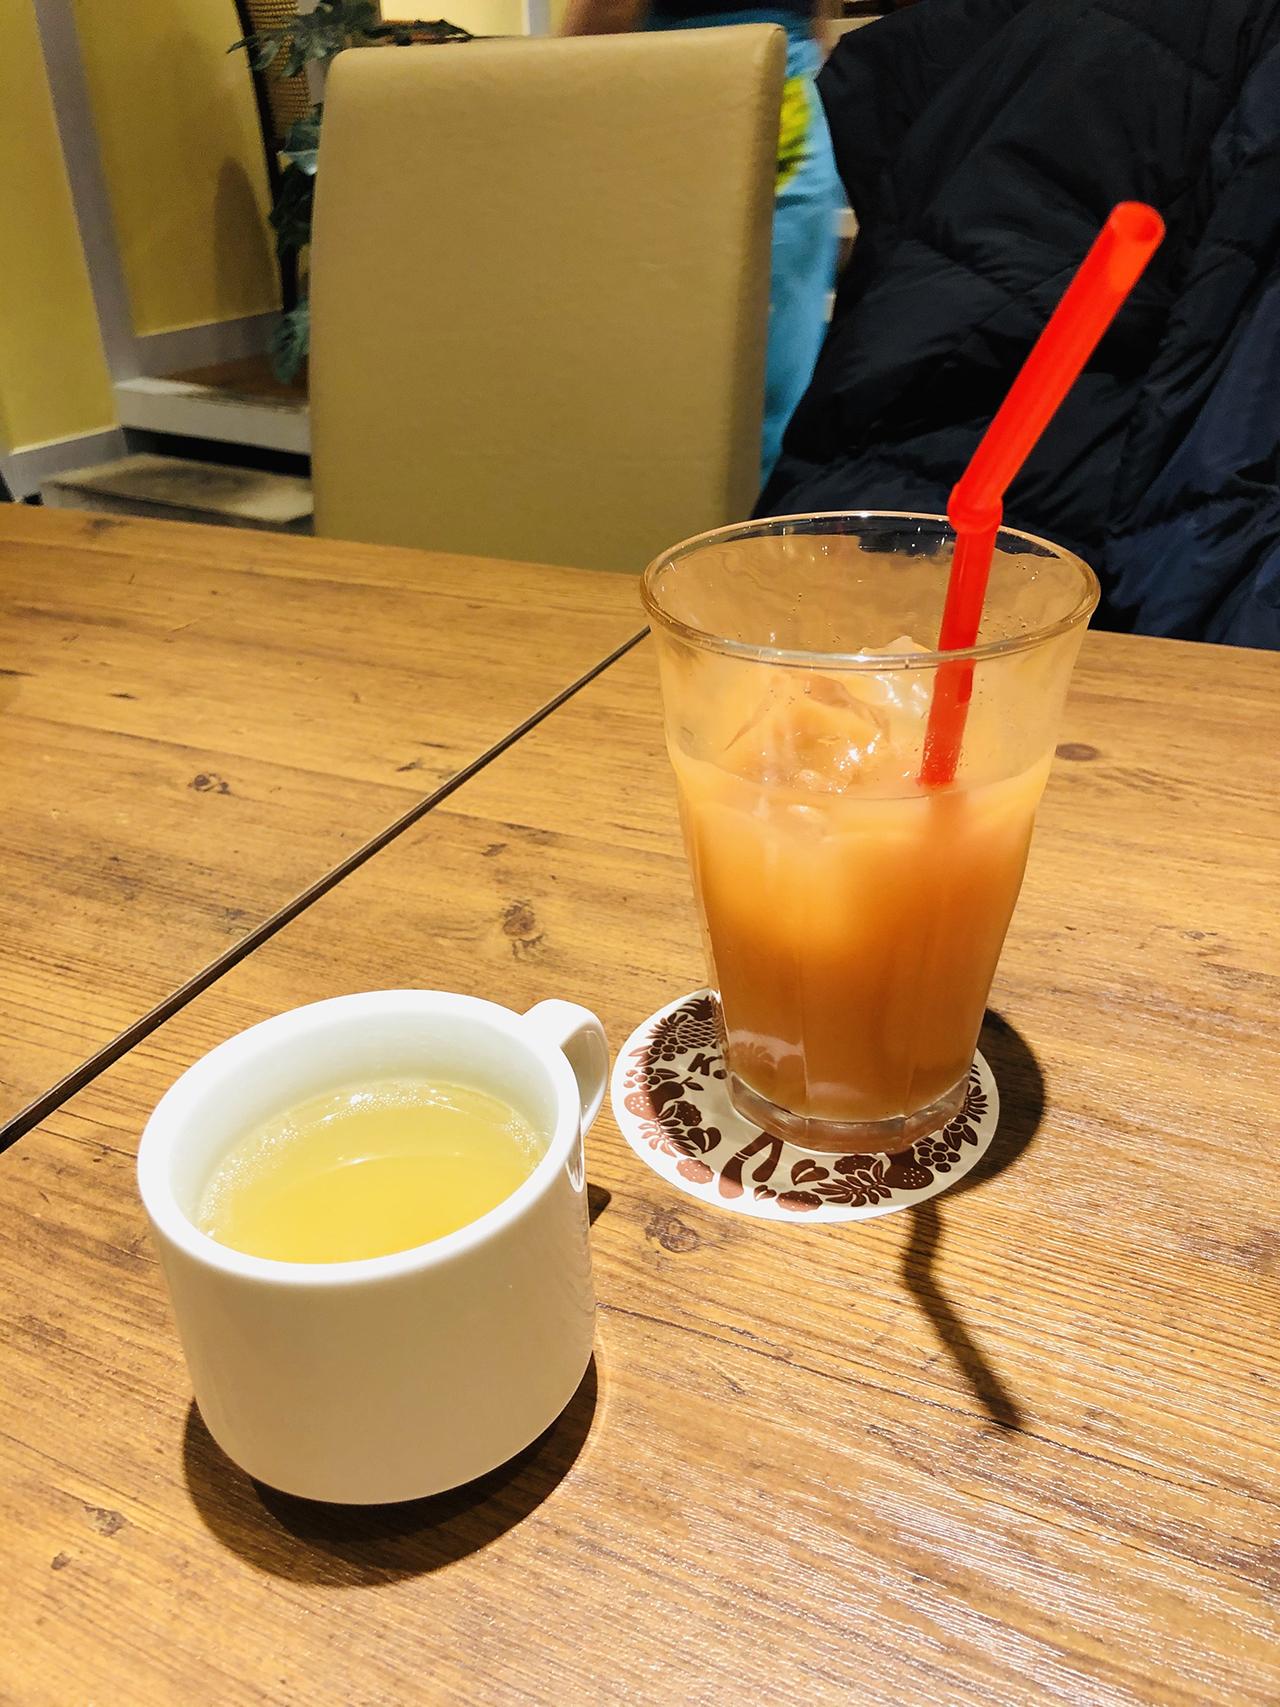 Hawaiian Food & Kona Beer KauKau(ハワイアンフード&コナビール カウカウ)そごう千葉店の投稿写真10